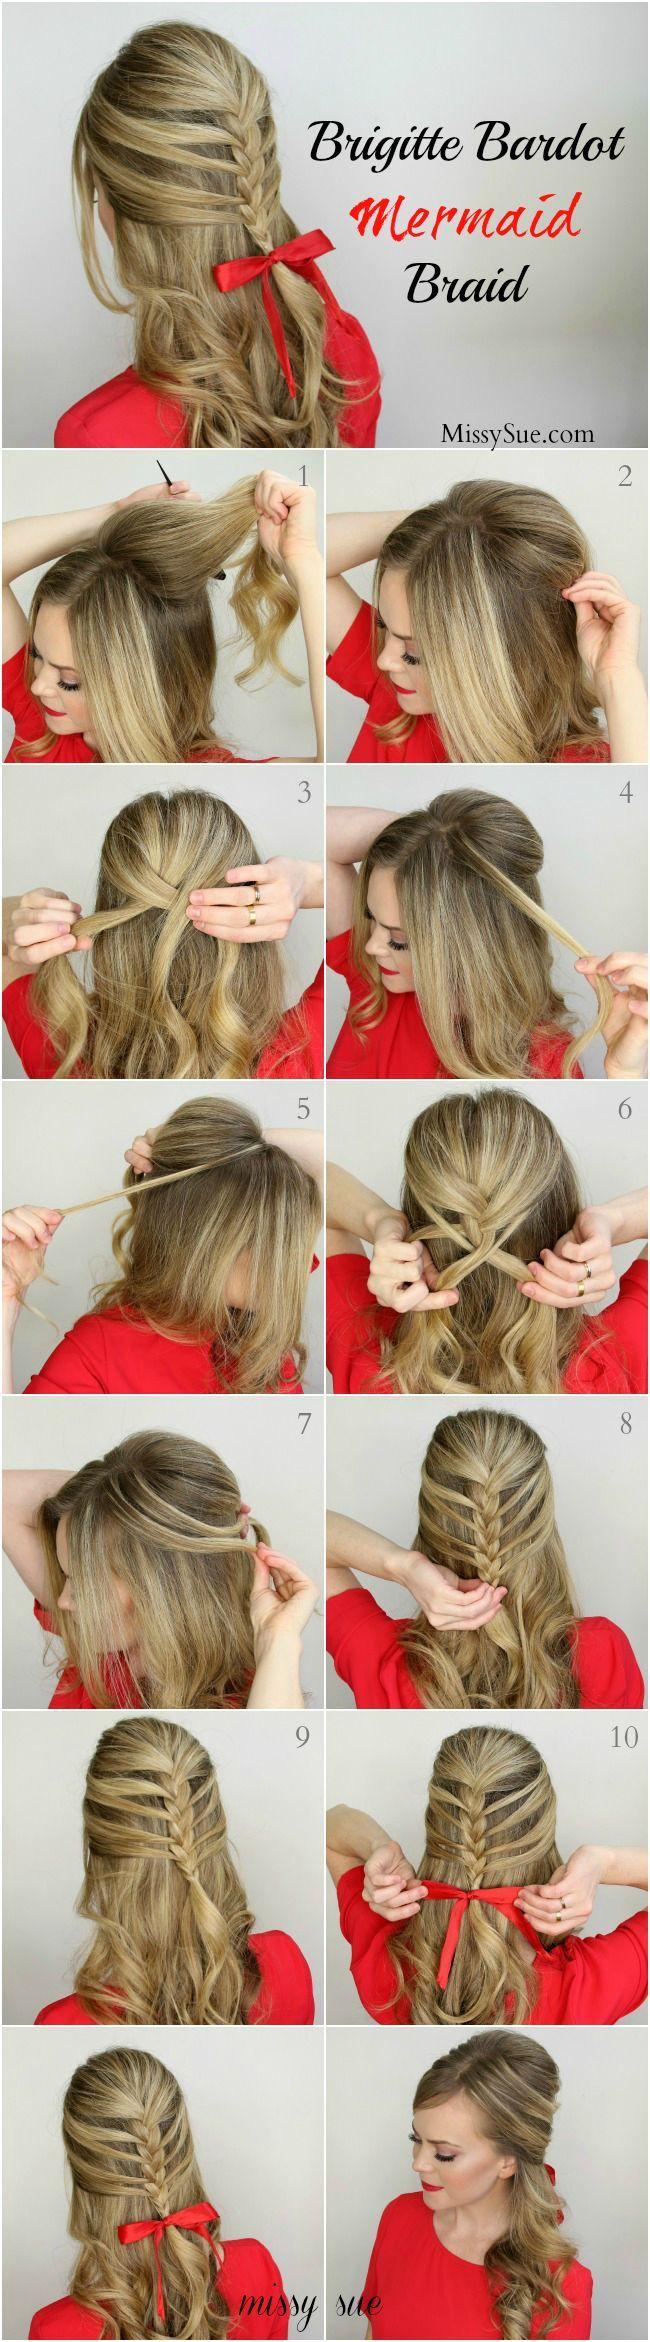 17 Maneras de agregarle un moño a tus peinados